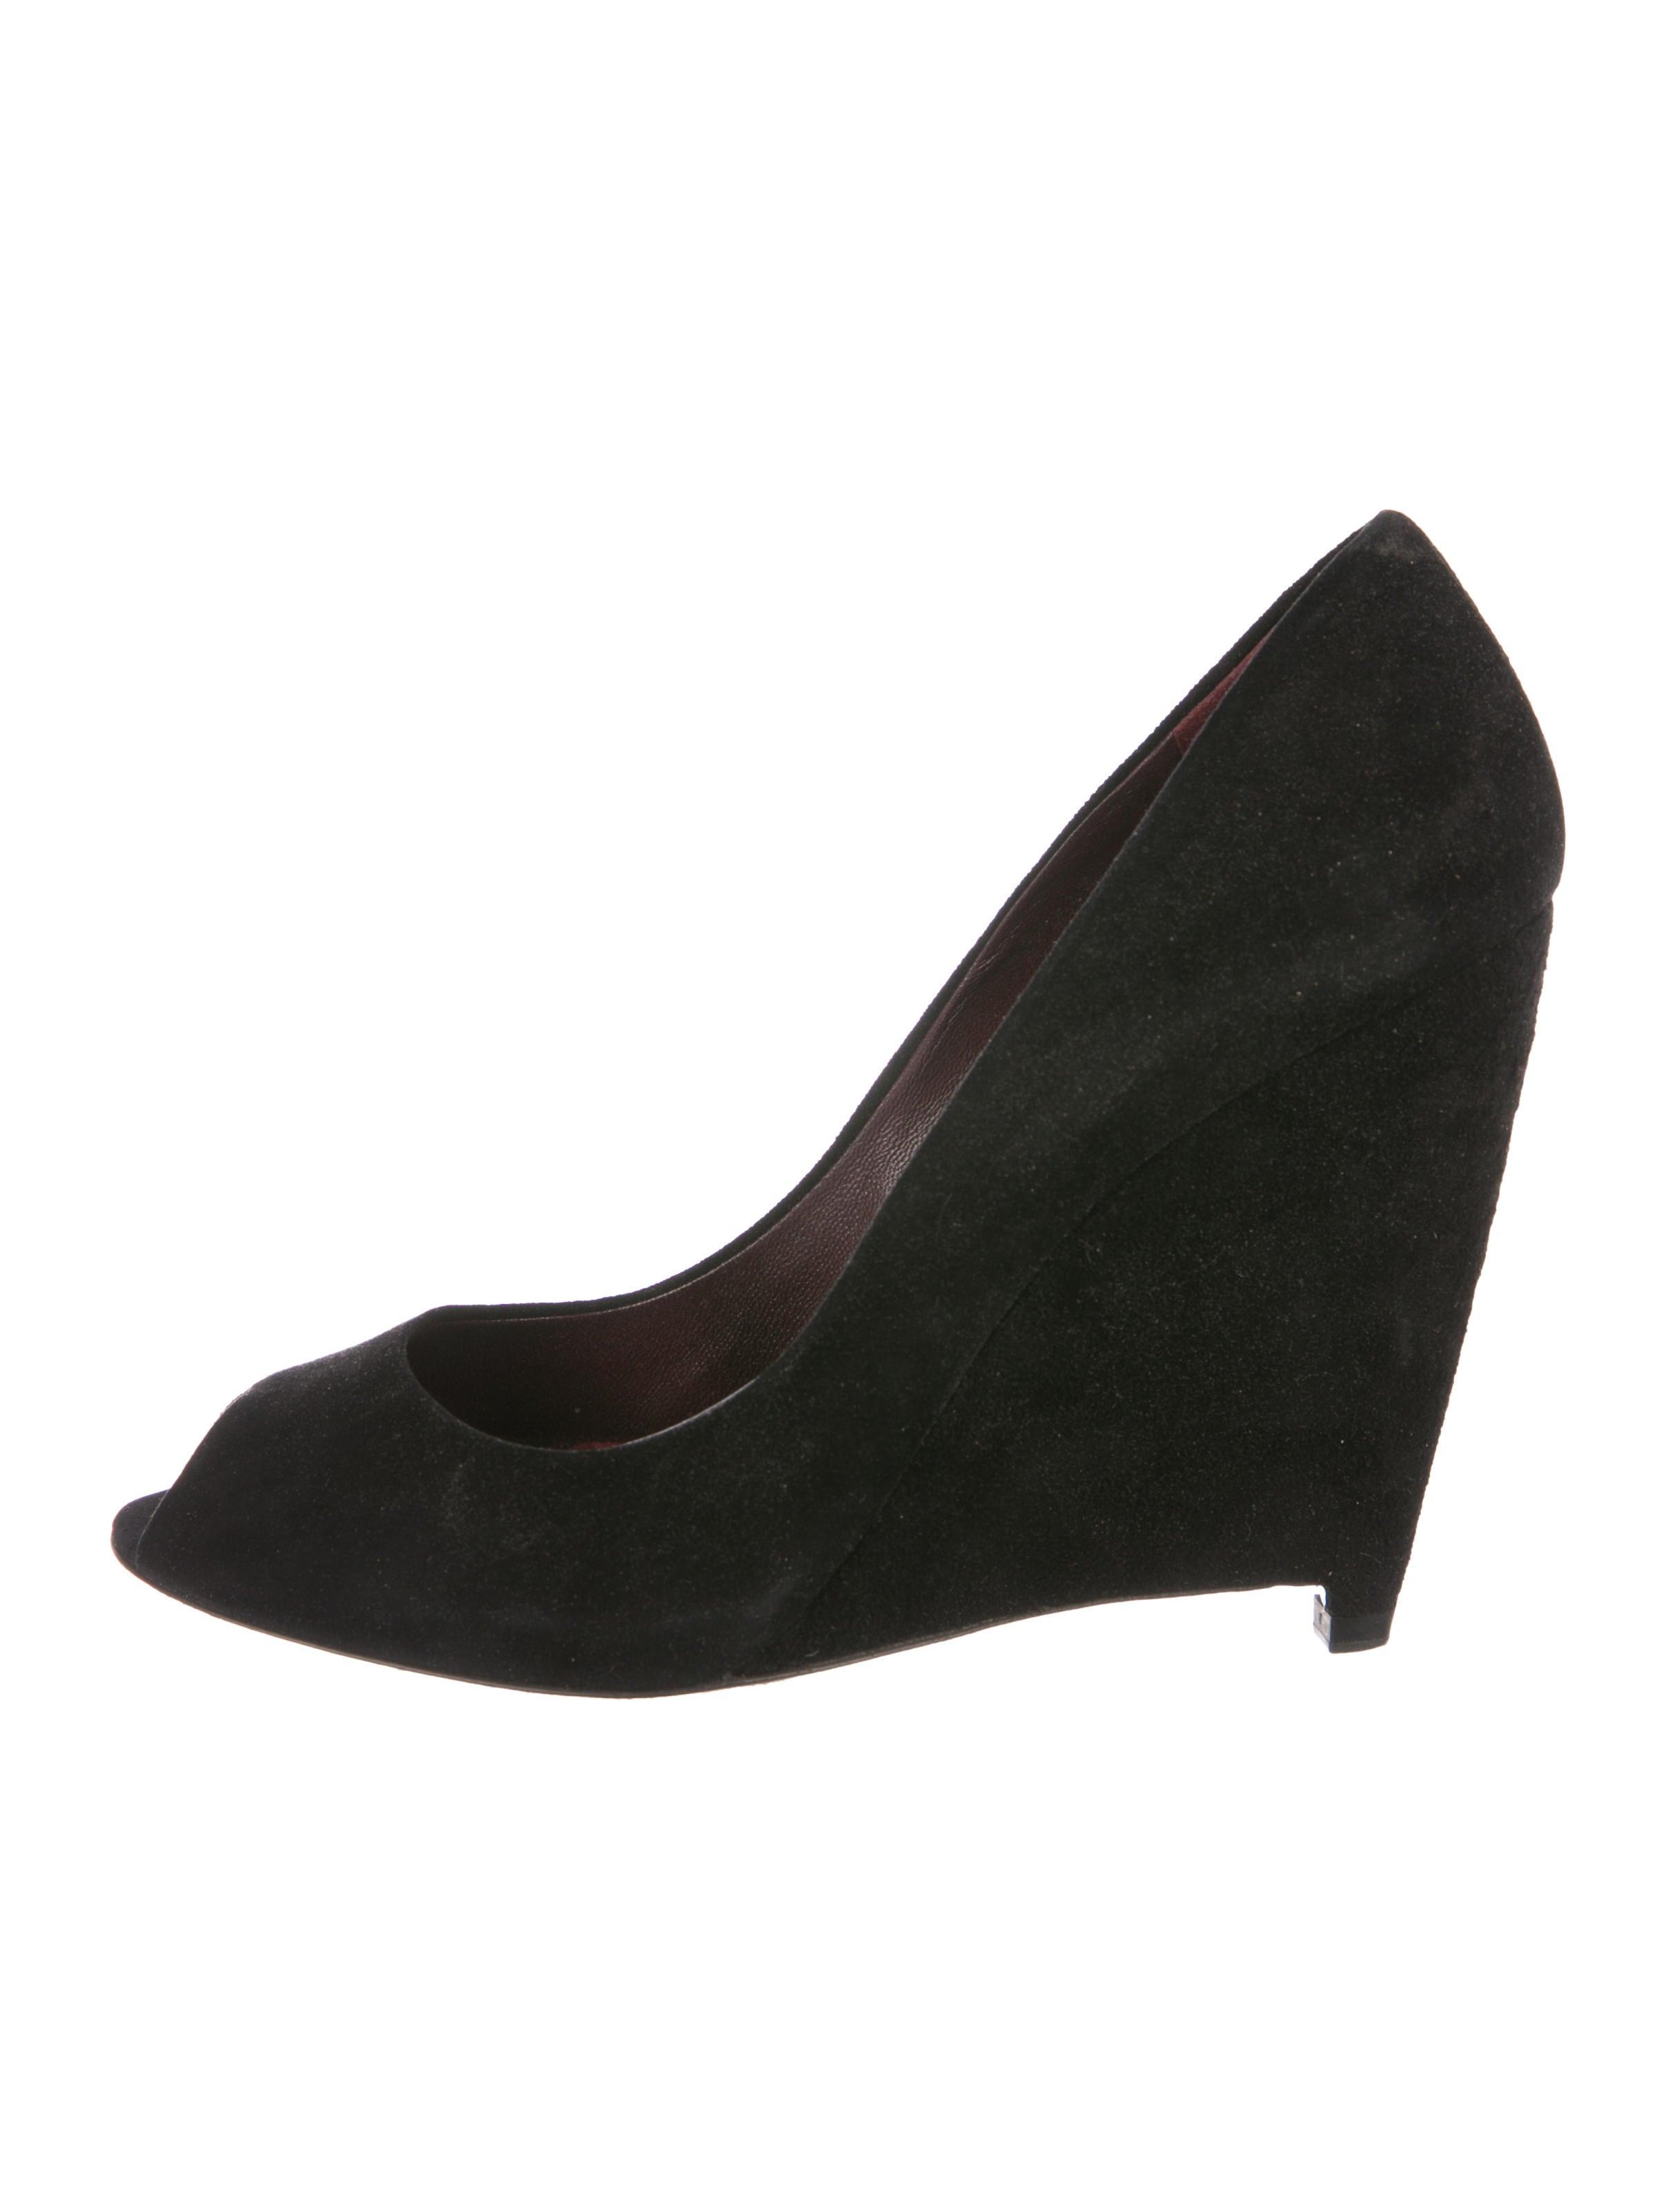 d10451305e52 Miu Miu Suede Round-Toe Wedges - Shoes - MIU80063